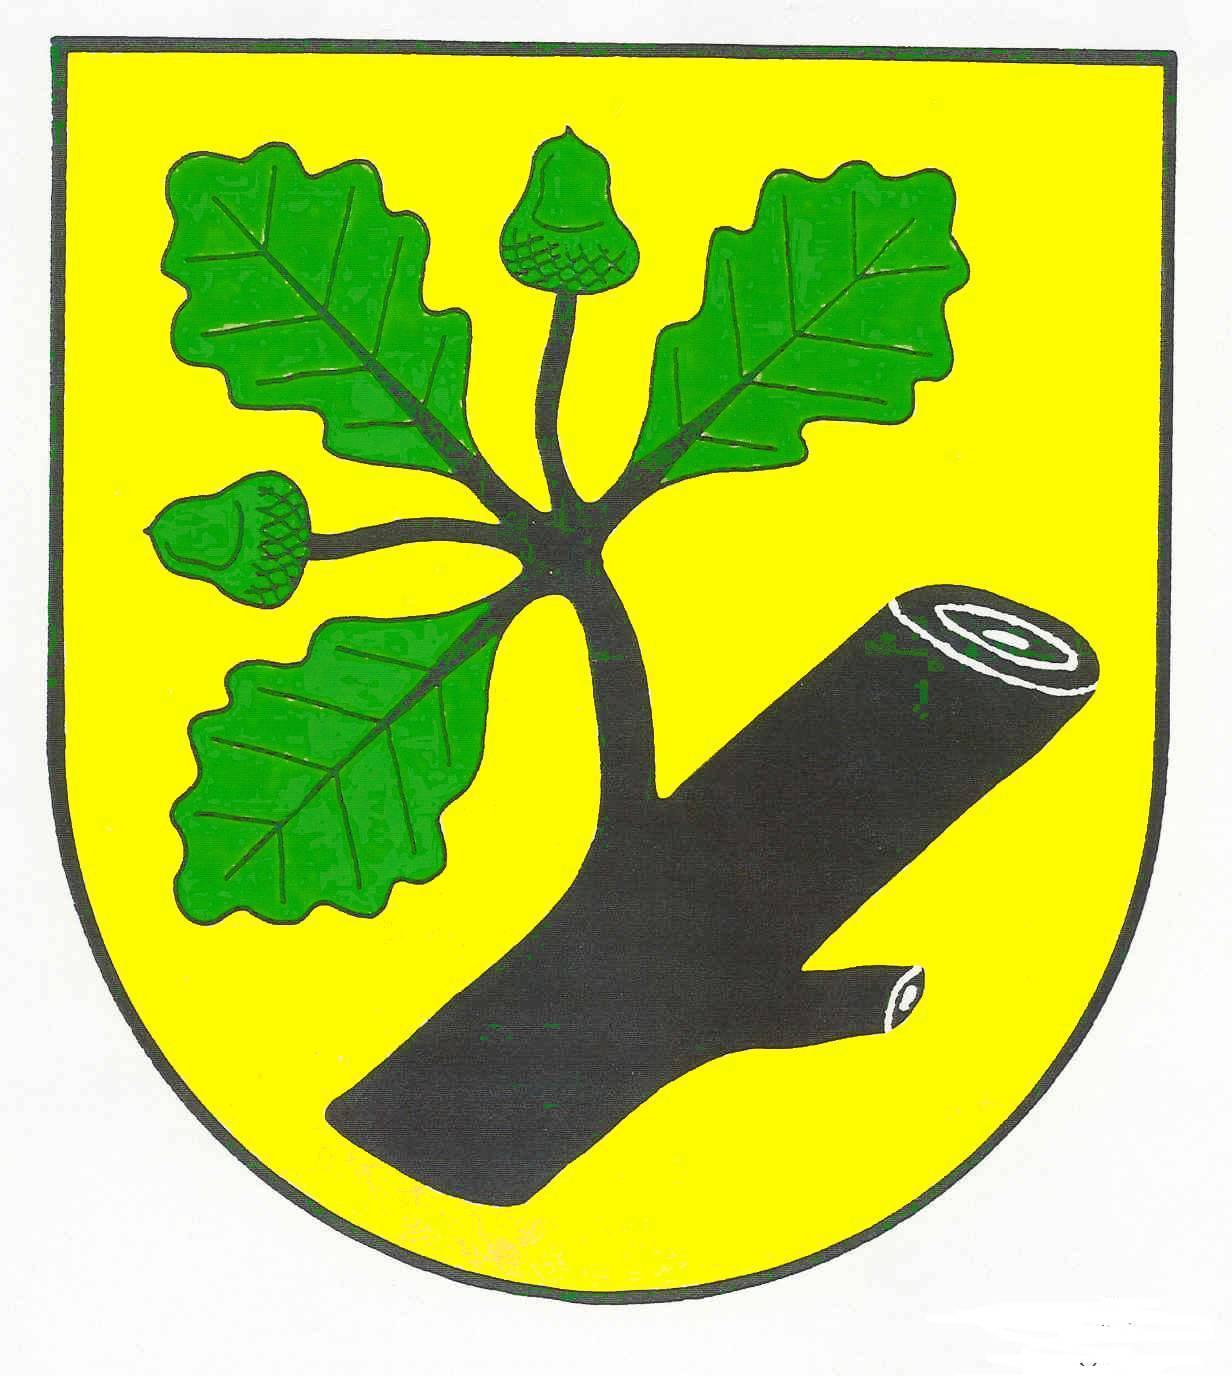 Wappen GemeindeHolt, Kreis Schleswig-Flensburg